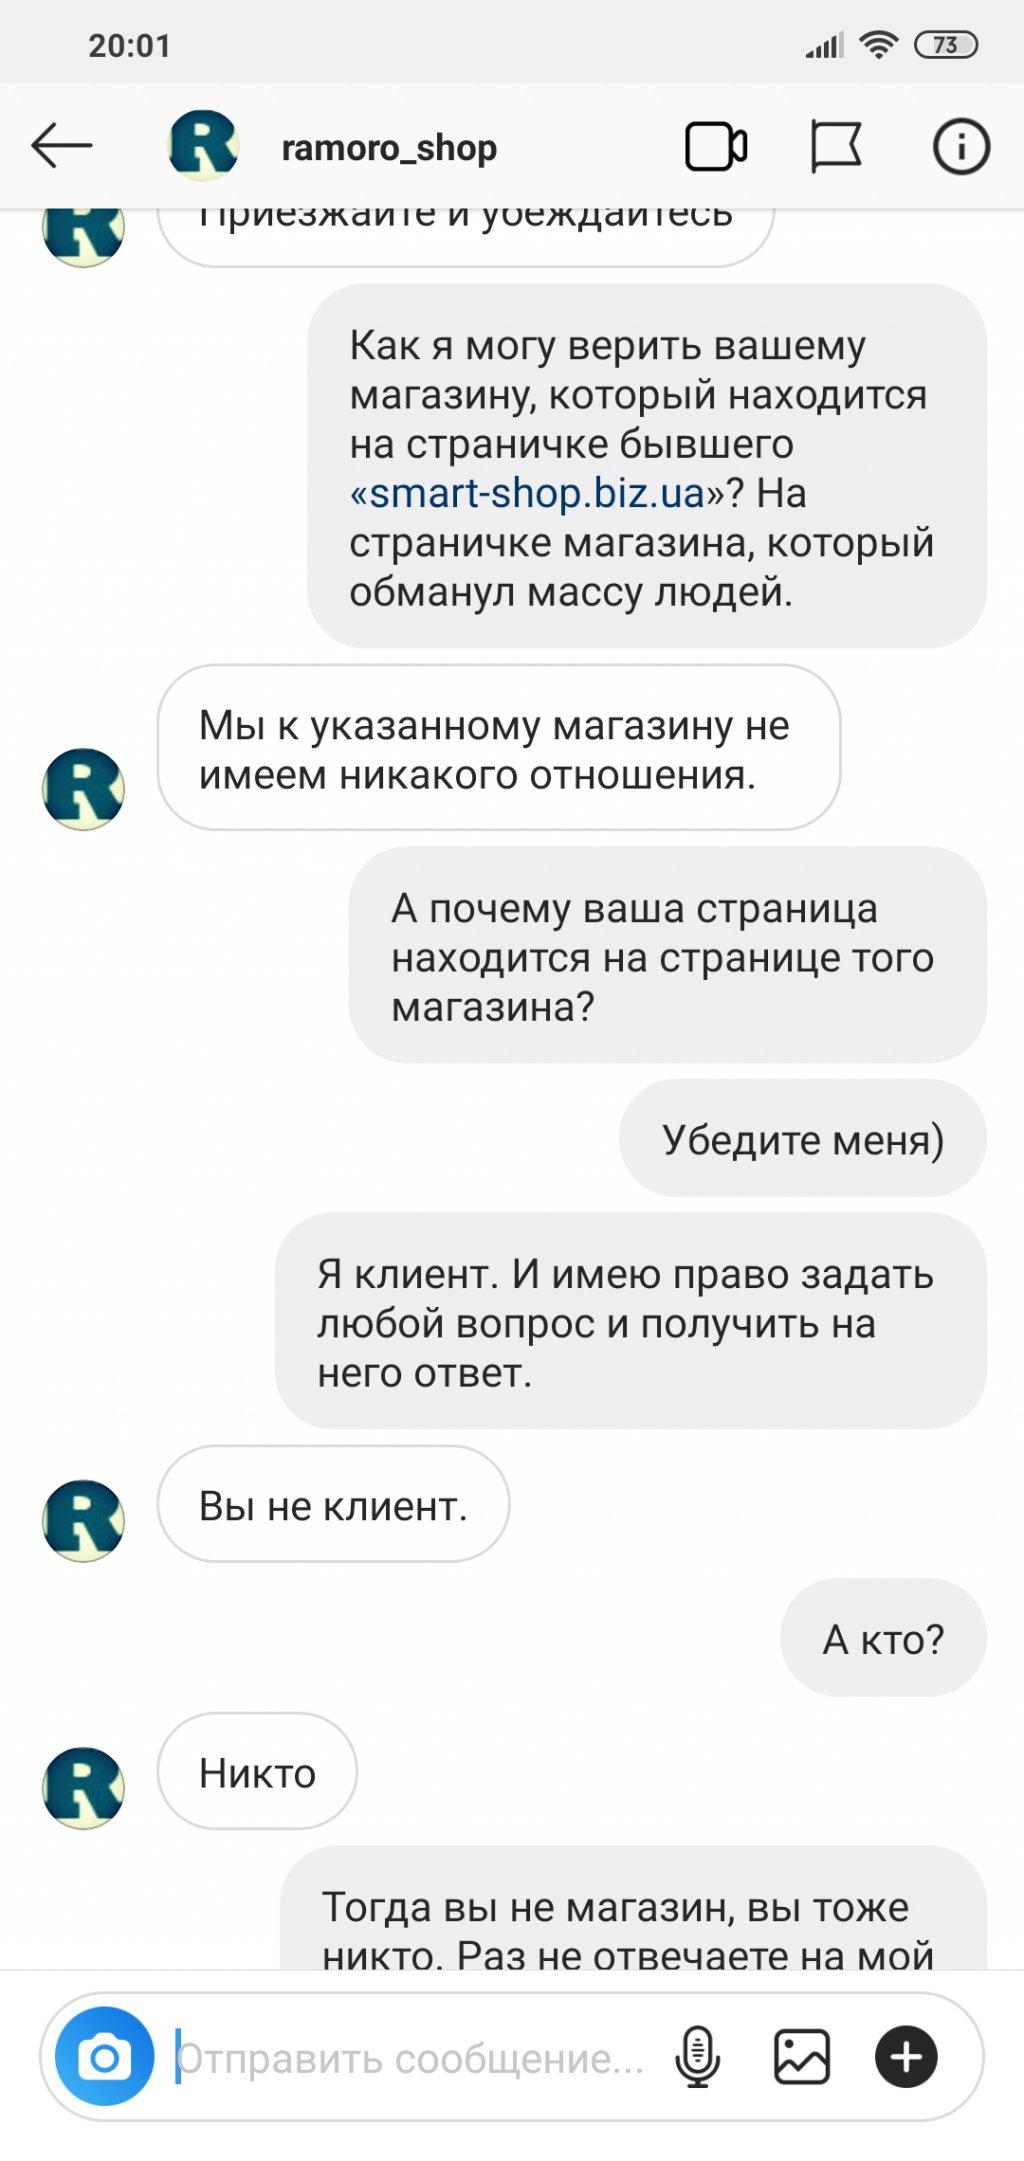 fed560c4d27ed Номер ЄДР предоставить отказались. ramoro-shop.biz.ua интернет-магазин -  Посмотрите на этот ужас! ...